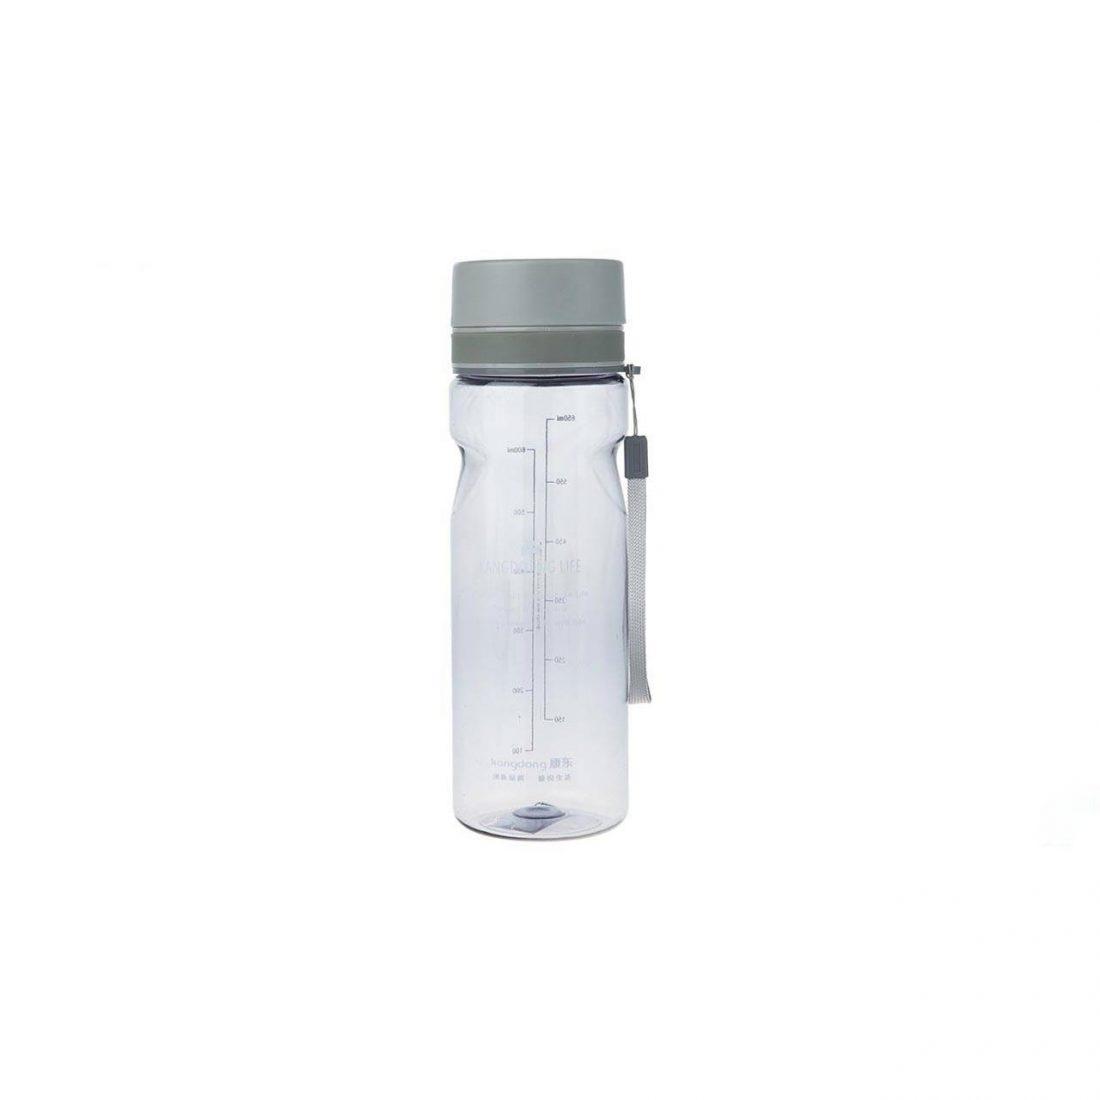 قمقمه-کینگ-دانگ-مدل-221-ظرفیت-0.65-لیتر